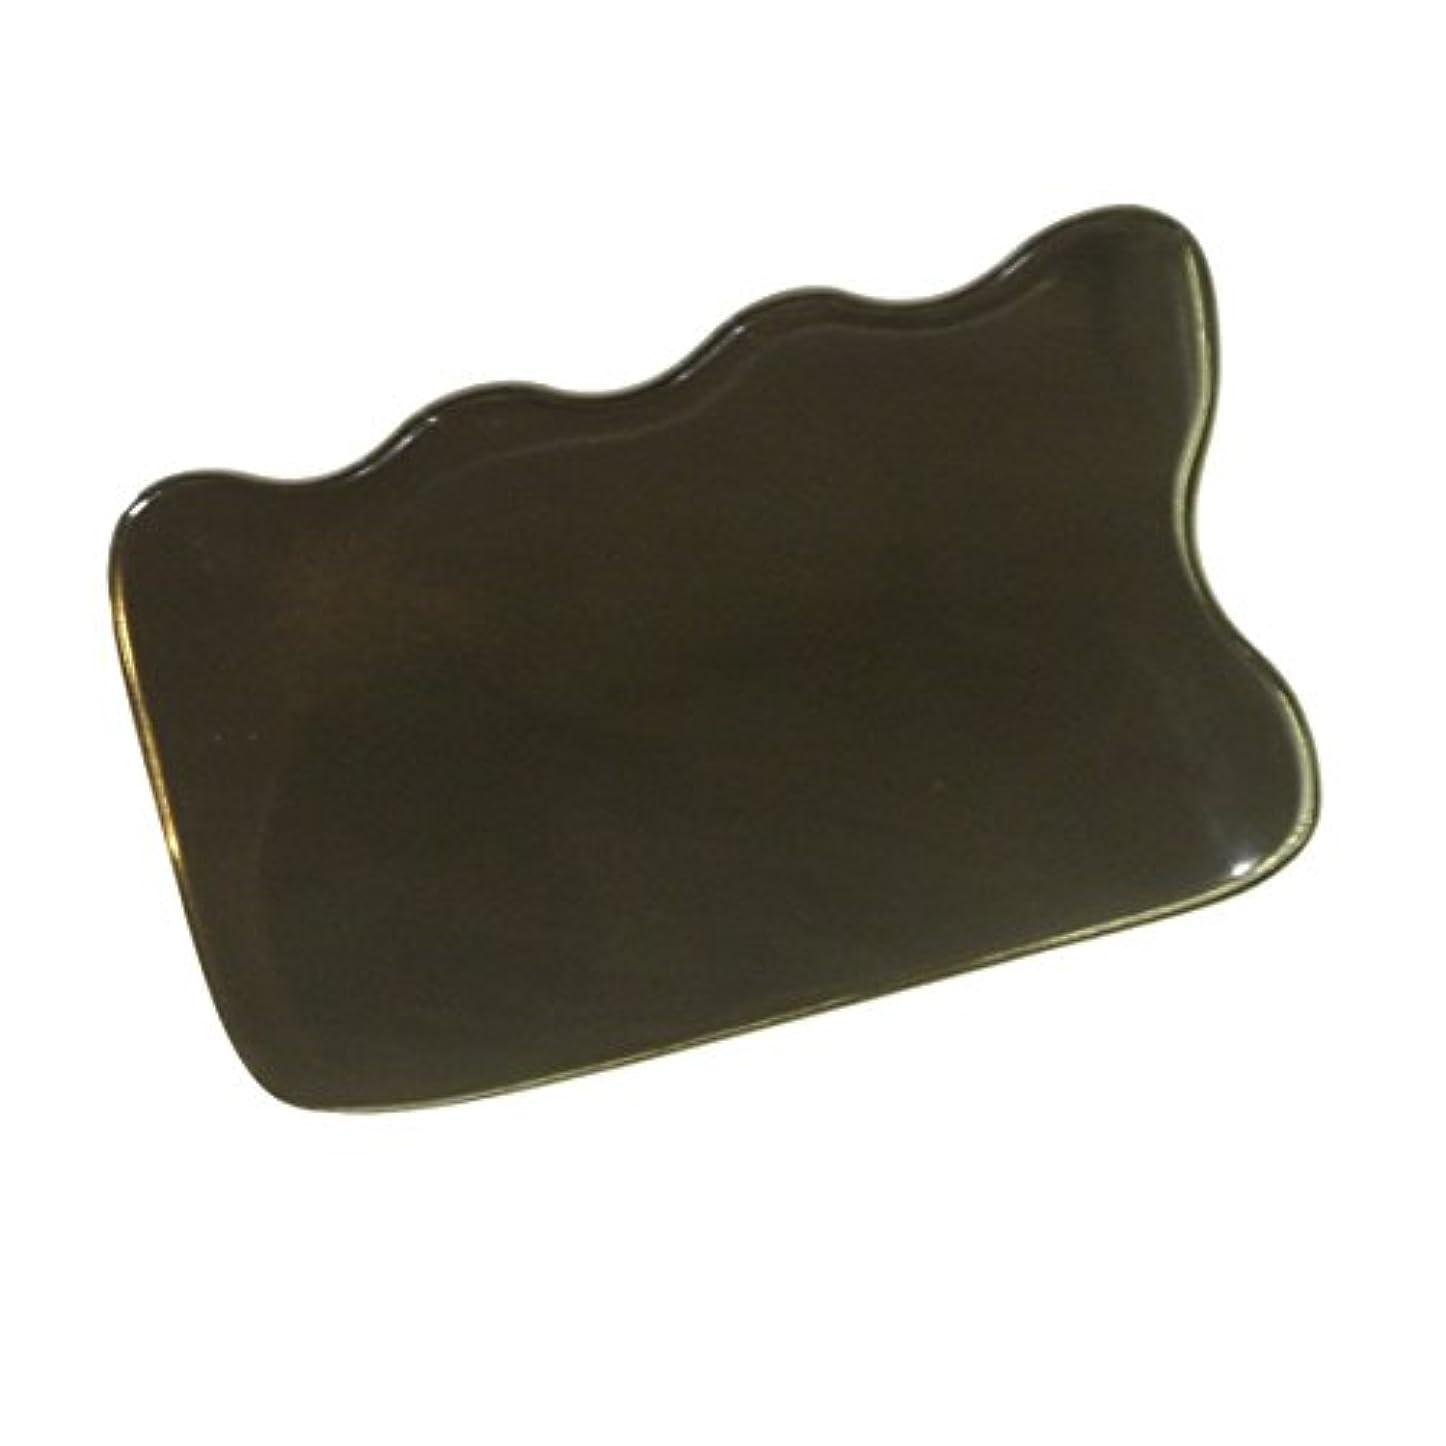 従順ふくろうスリムかっさ プレート 厚さが選べる 水牛の角(黒水牛角) EHE220 四角波 一般品 厚め(7ミリ程度)